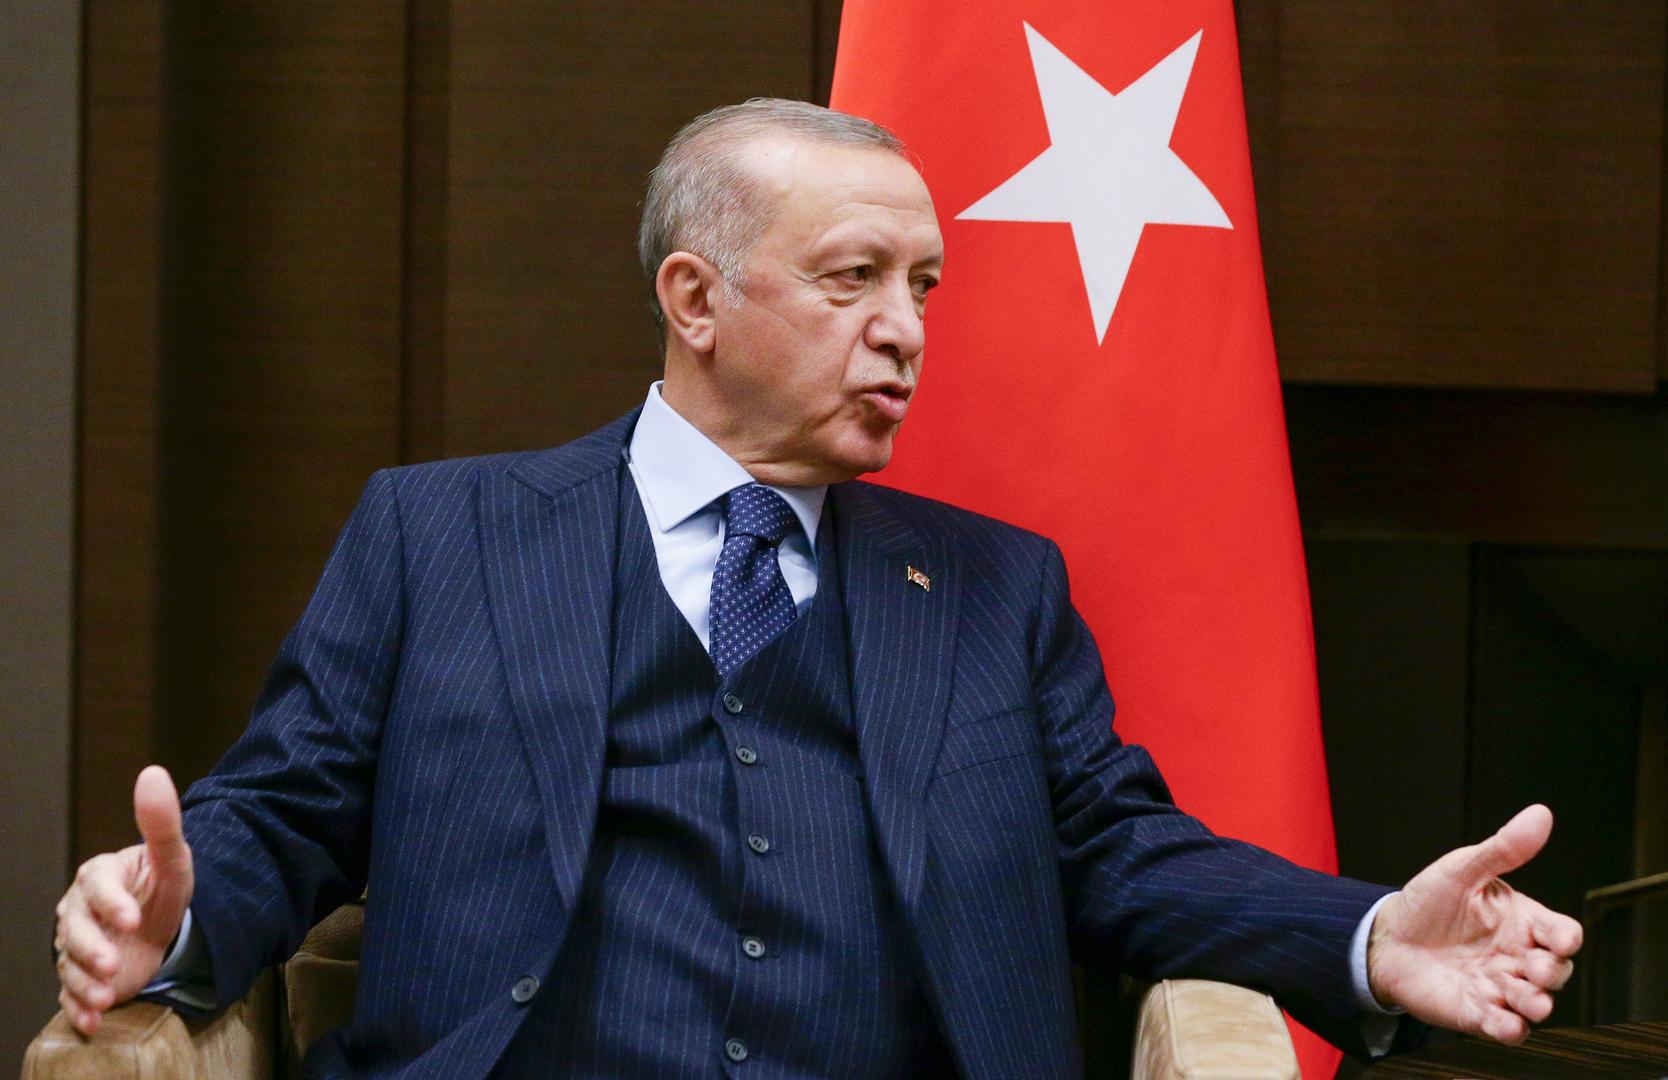 تركيا.. أردوغان يعزل 3 أعضاء من لجنة السياسة النقدية بالبنك المركزي